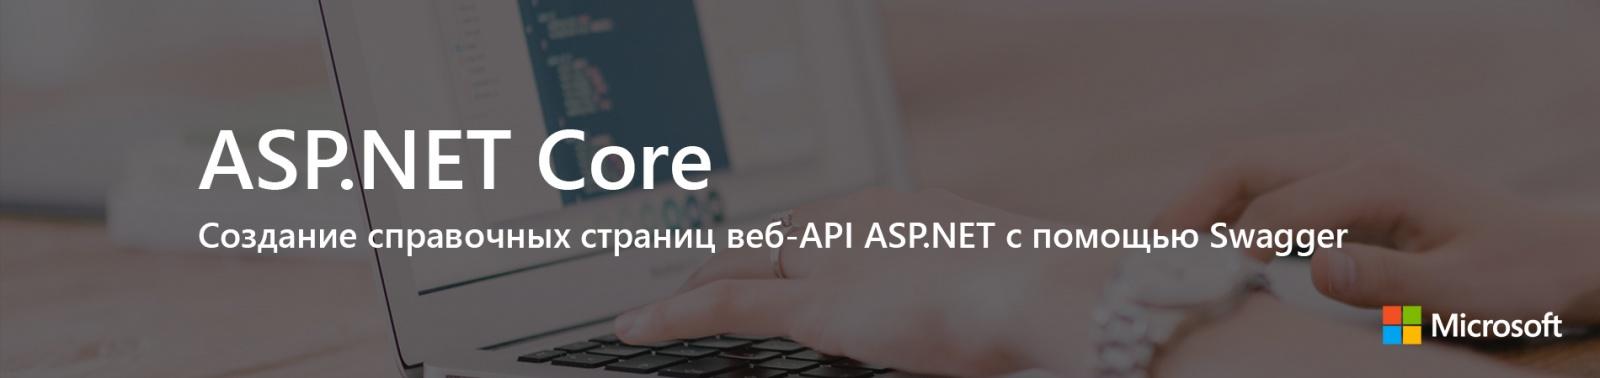 ASP.NET Core: Создание справочных страниц веб-API ASP.NET с помощью Swagger - 1